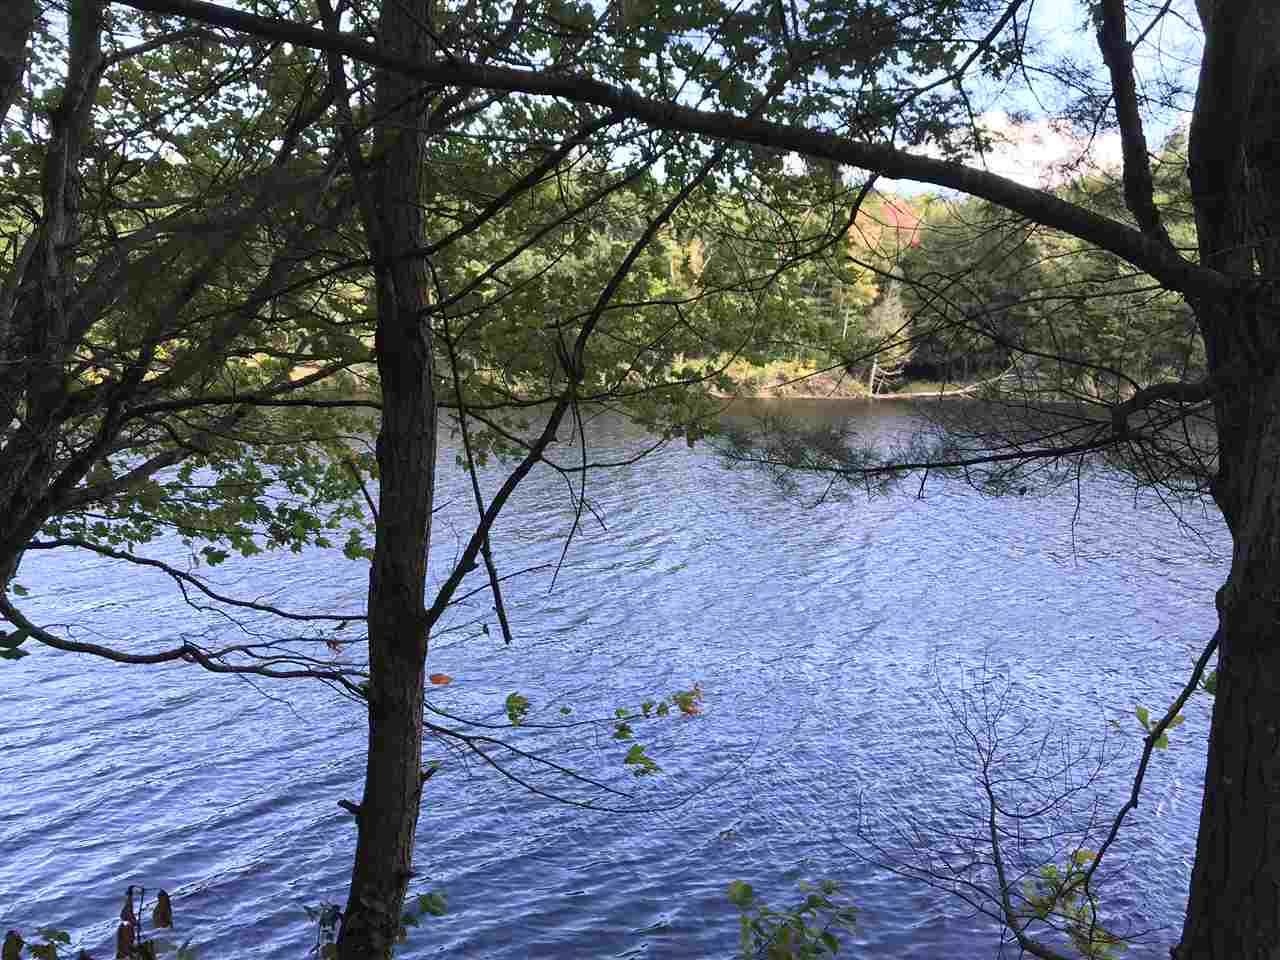 MLS 4719192: 2875 River, Bridgewater NH